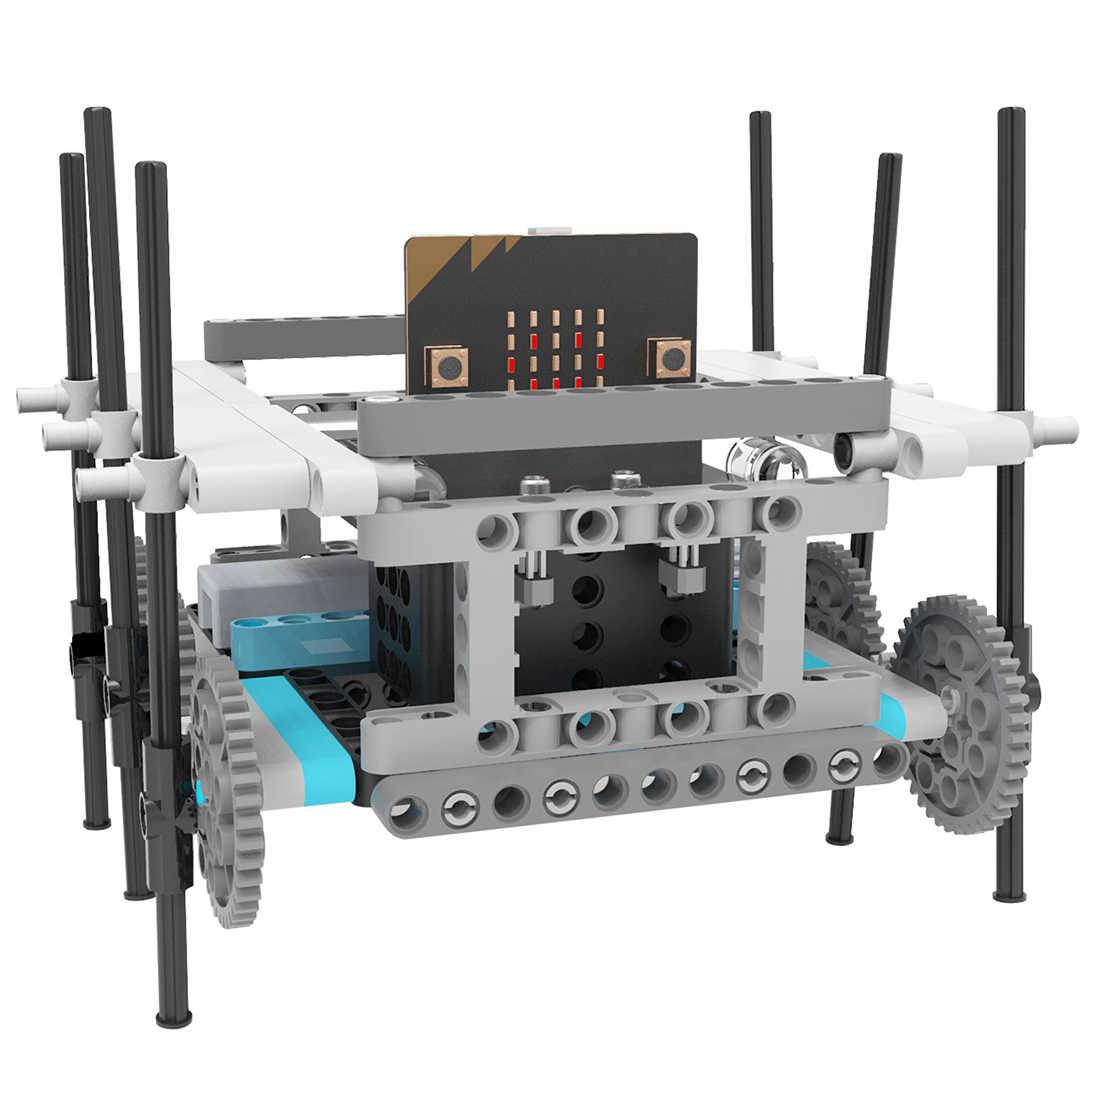 Набор роботов для микро: наборы робототехники для детей программируемые роботы-микробиты DIY игрушка автомобиль учебник отслеживание научное образование